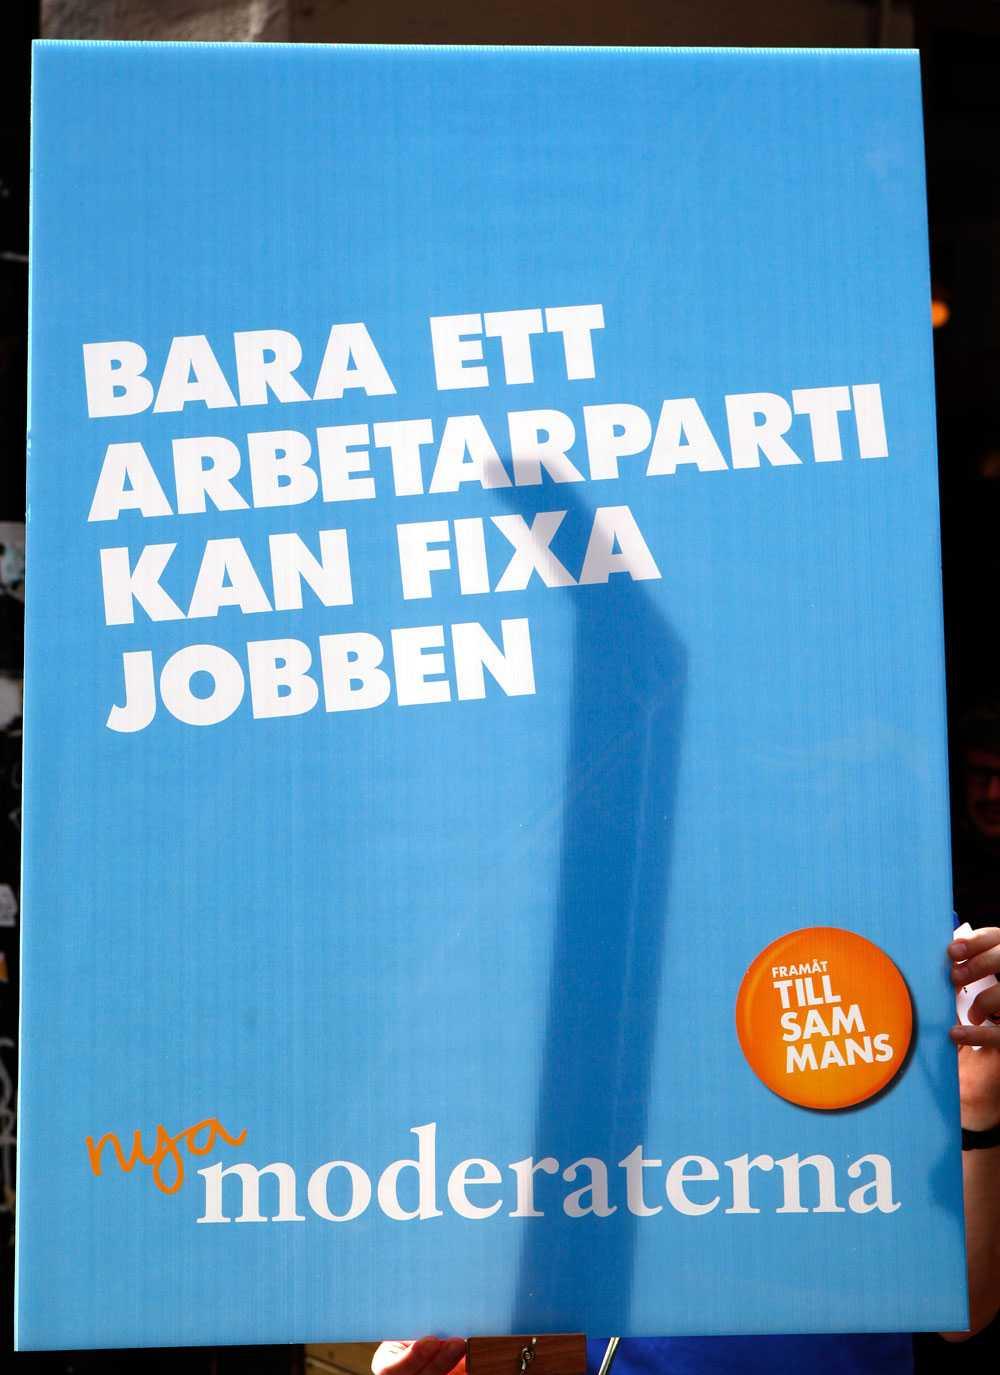 Moderaterna 2010